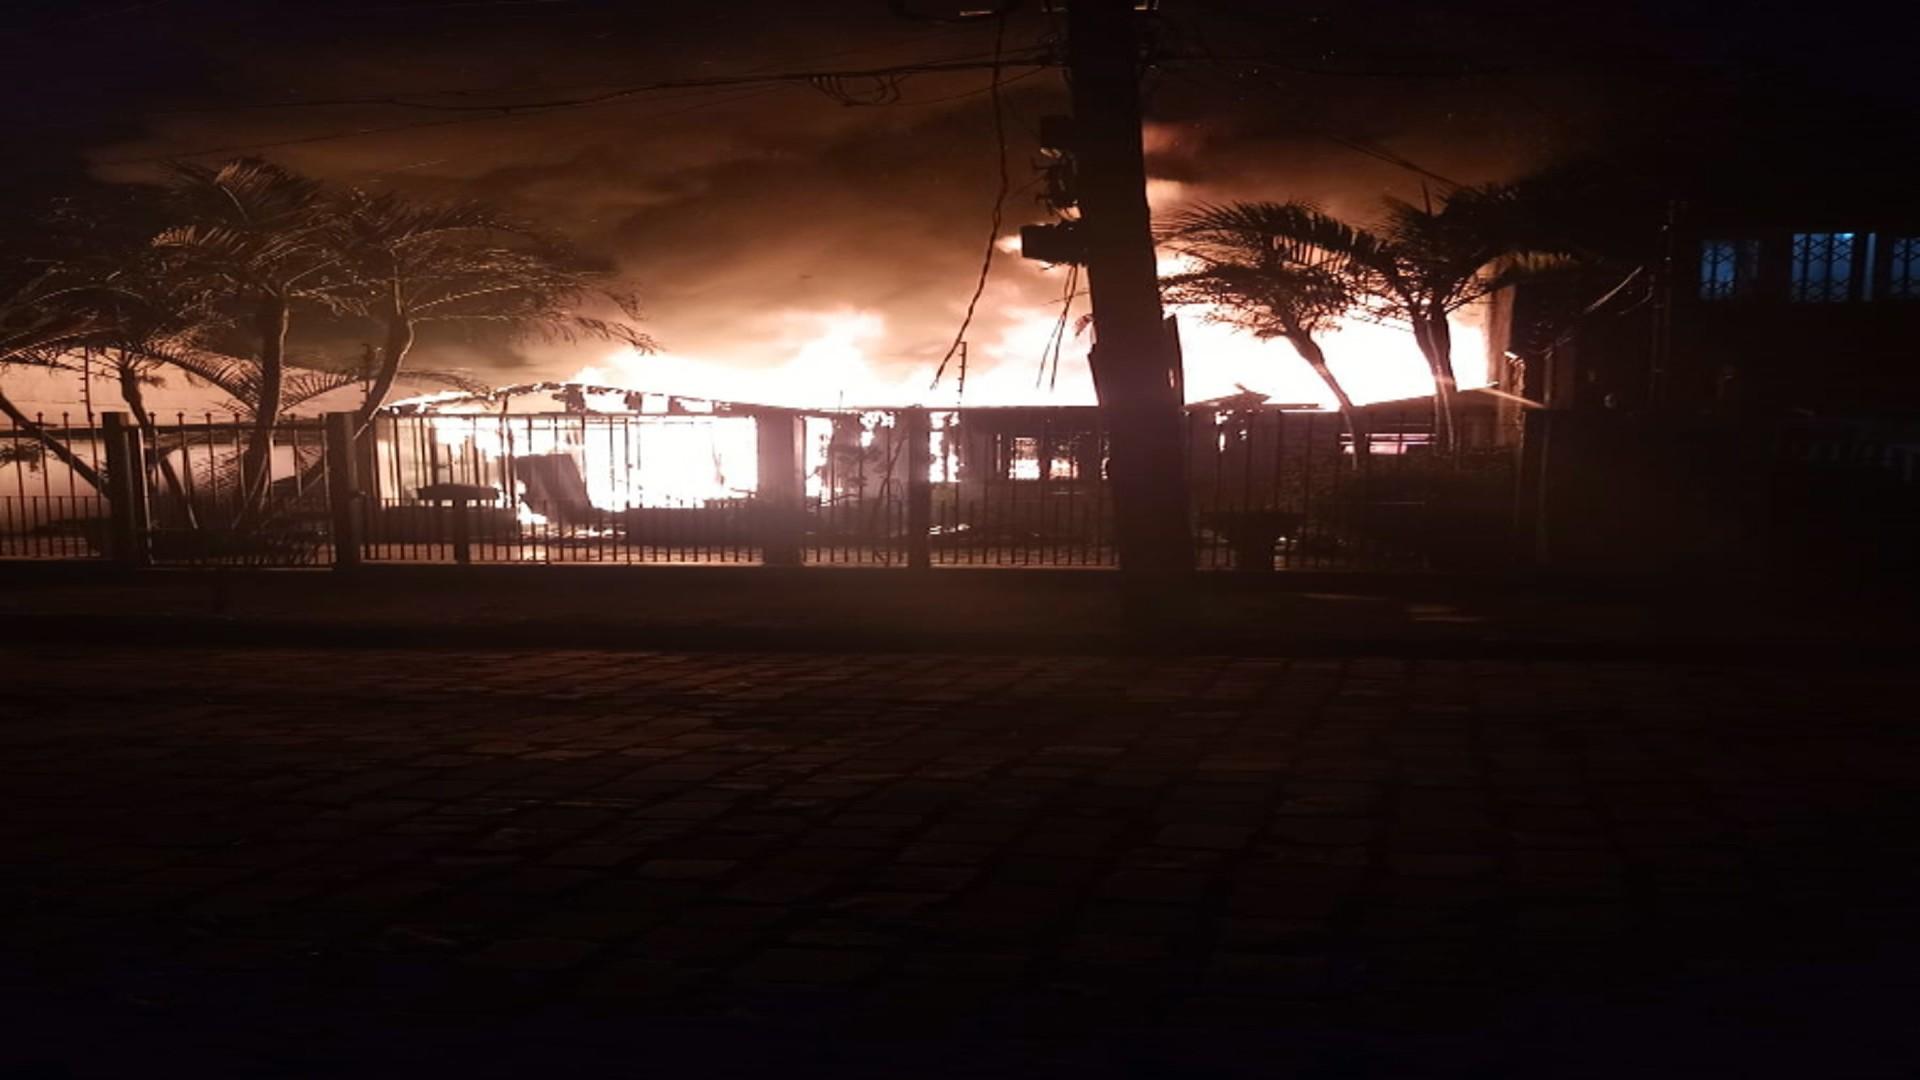 Homem morre em incêndio a uma residência em Porto Alegre